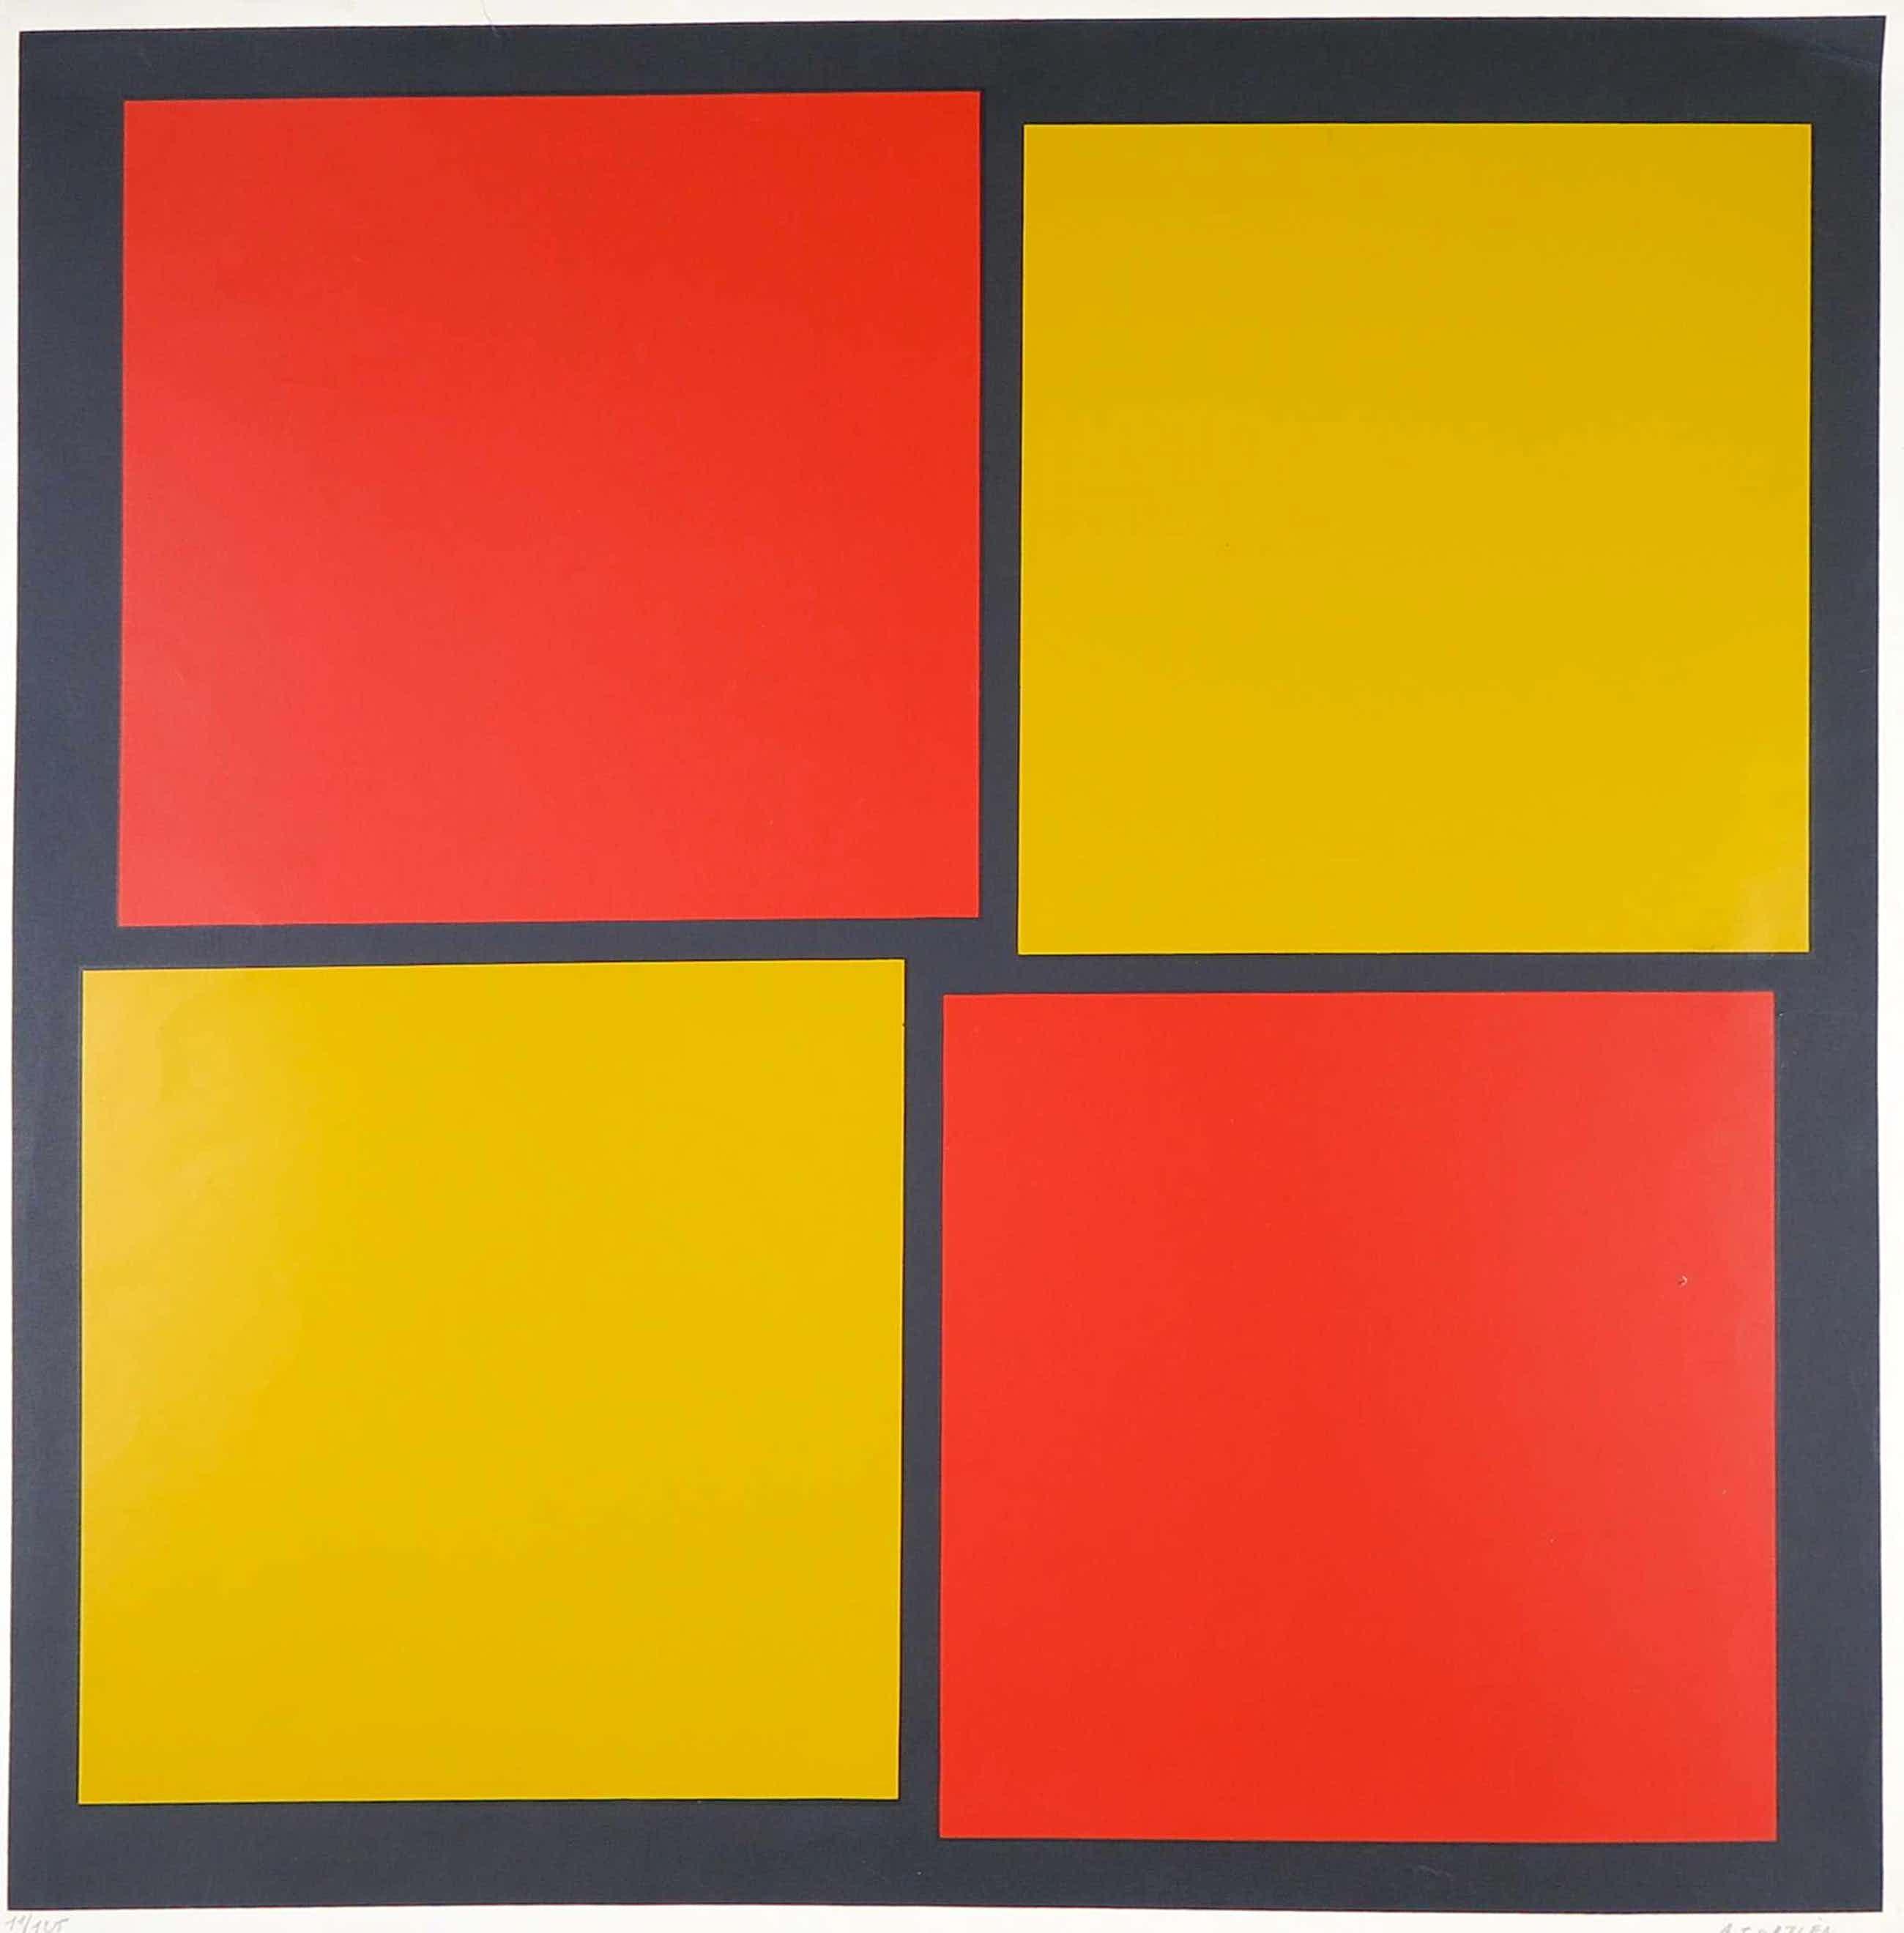 Amedee Cortier - Zeefdruk, Abstracte compositie (uitgave voor het SMAK) kopen? Bied vanaf 100!